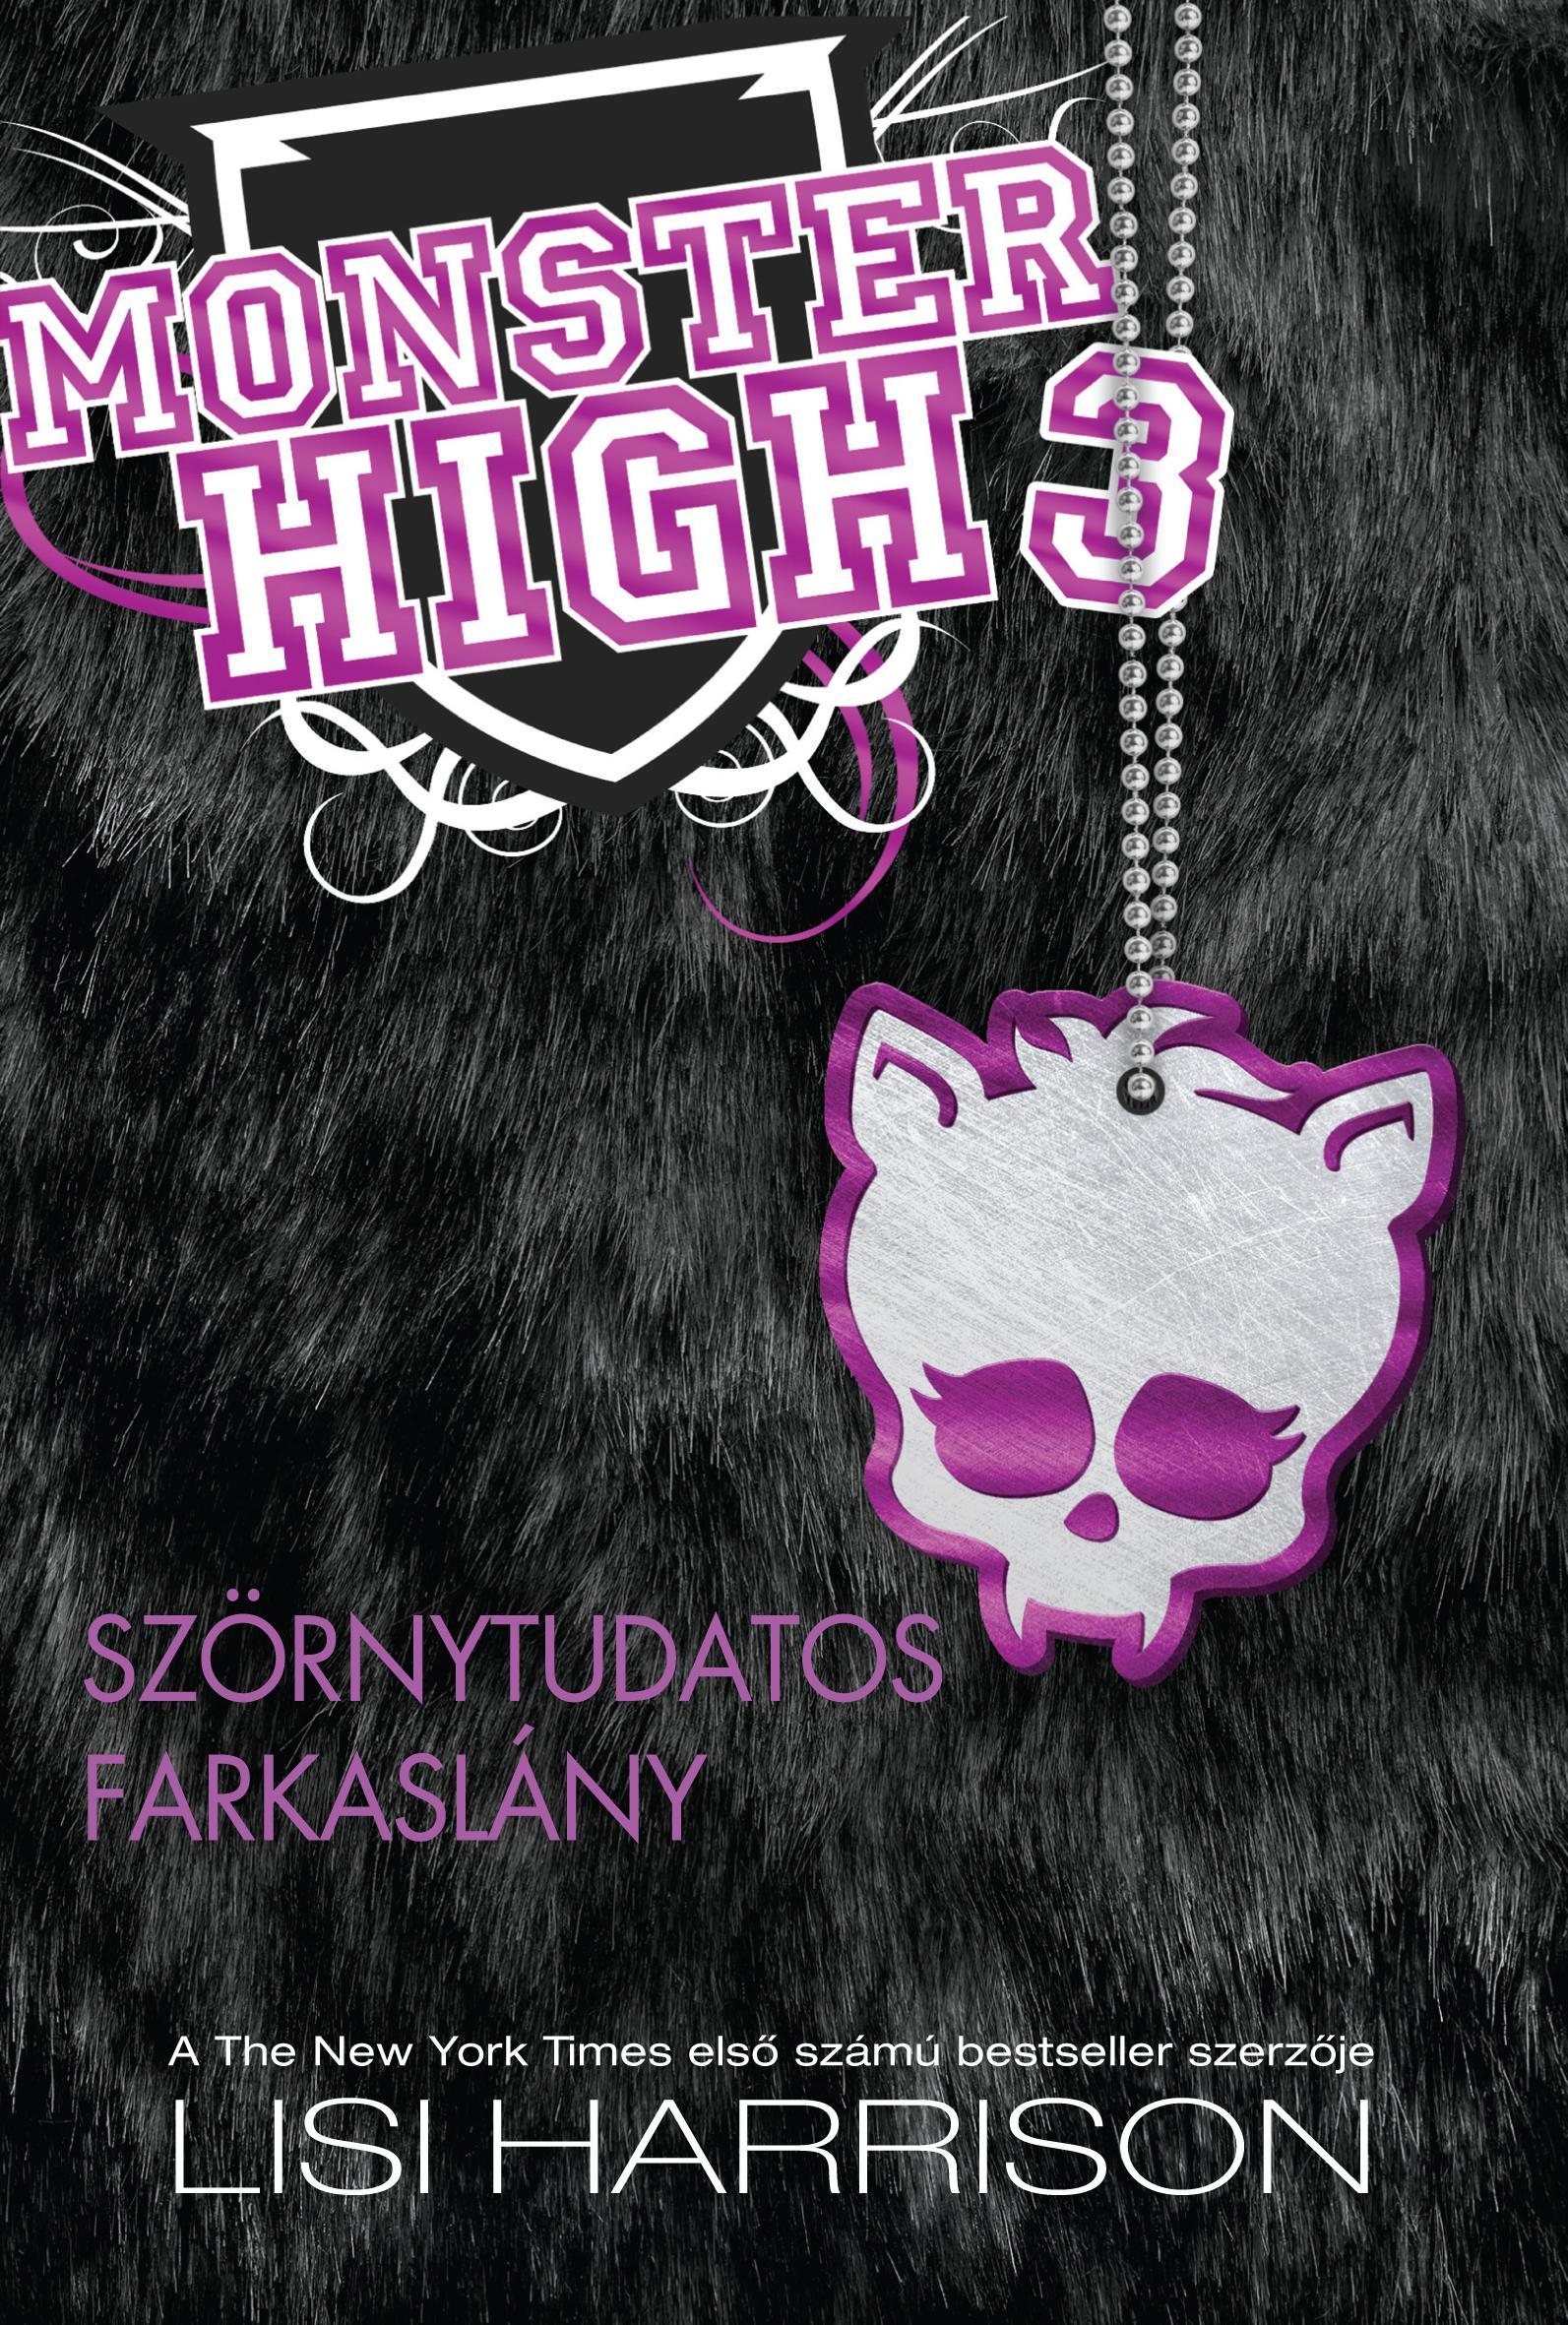 SZÖRNYTUDATOS FARKASLÁNY - MONSTER HIGH 3.